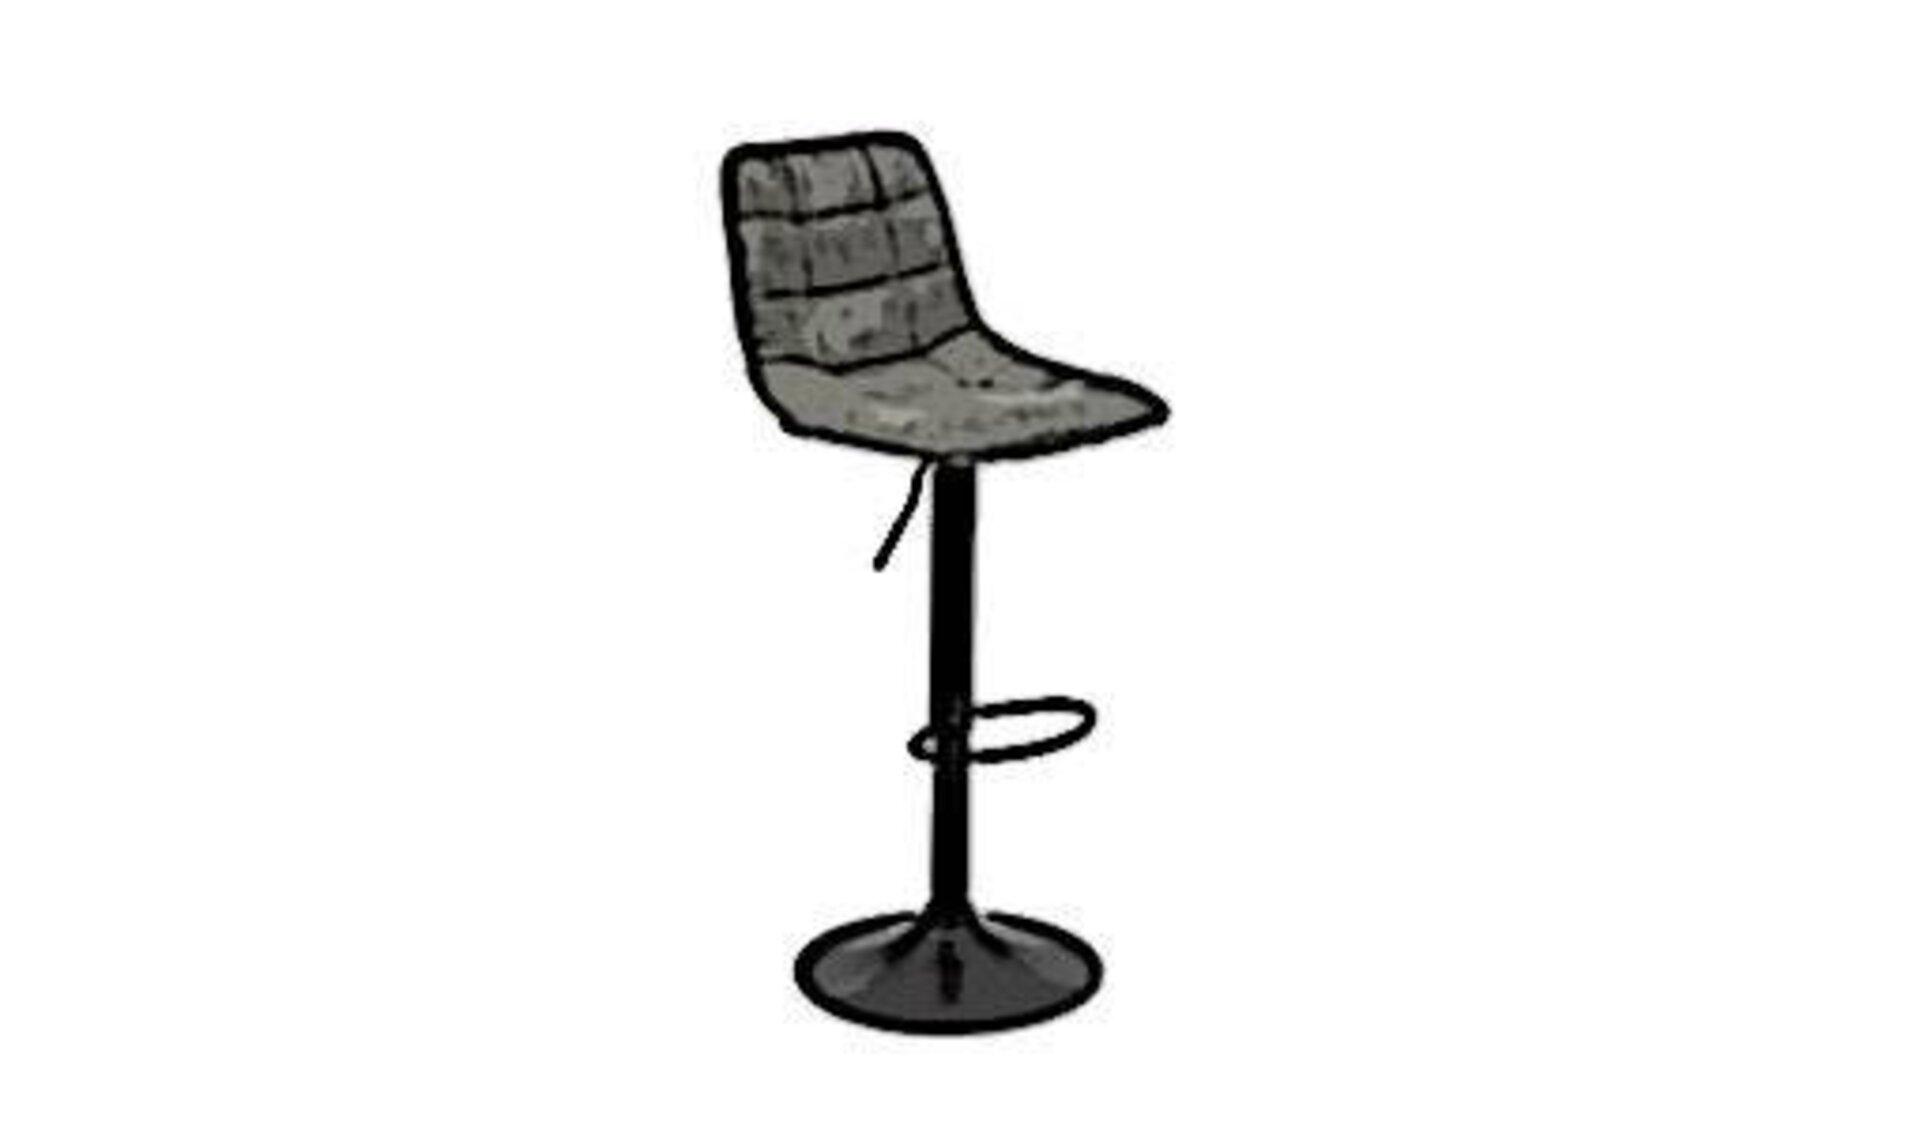 Barhocker mit verstellbarer Sitzhöhe und Metallring zur Fußablage auf halber Höhe des stabilen Metallfußes.